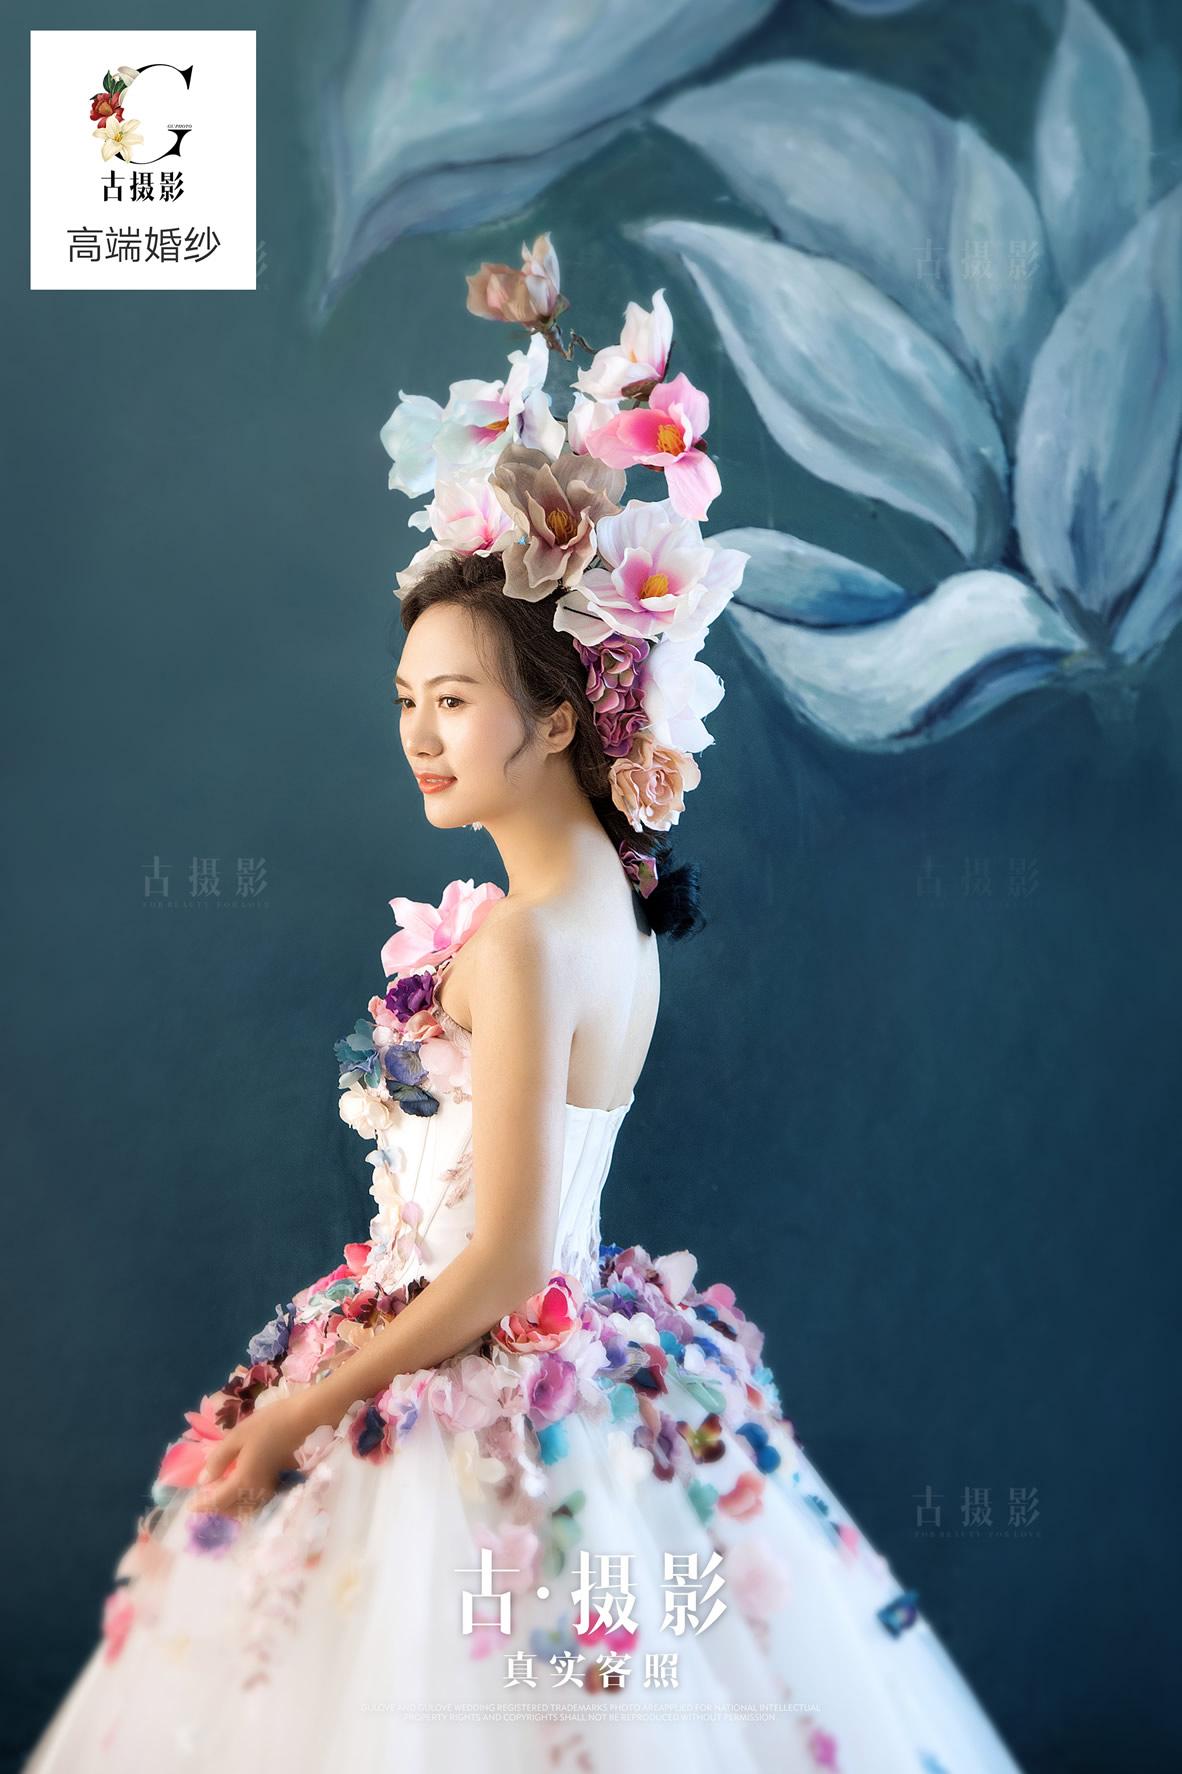 1月17日客片舒先生 陆小姐 - 每日客照 - love昆明古摄影-昆明婚纱摄影网